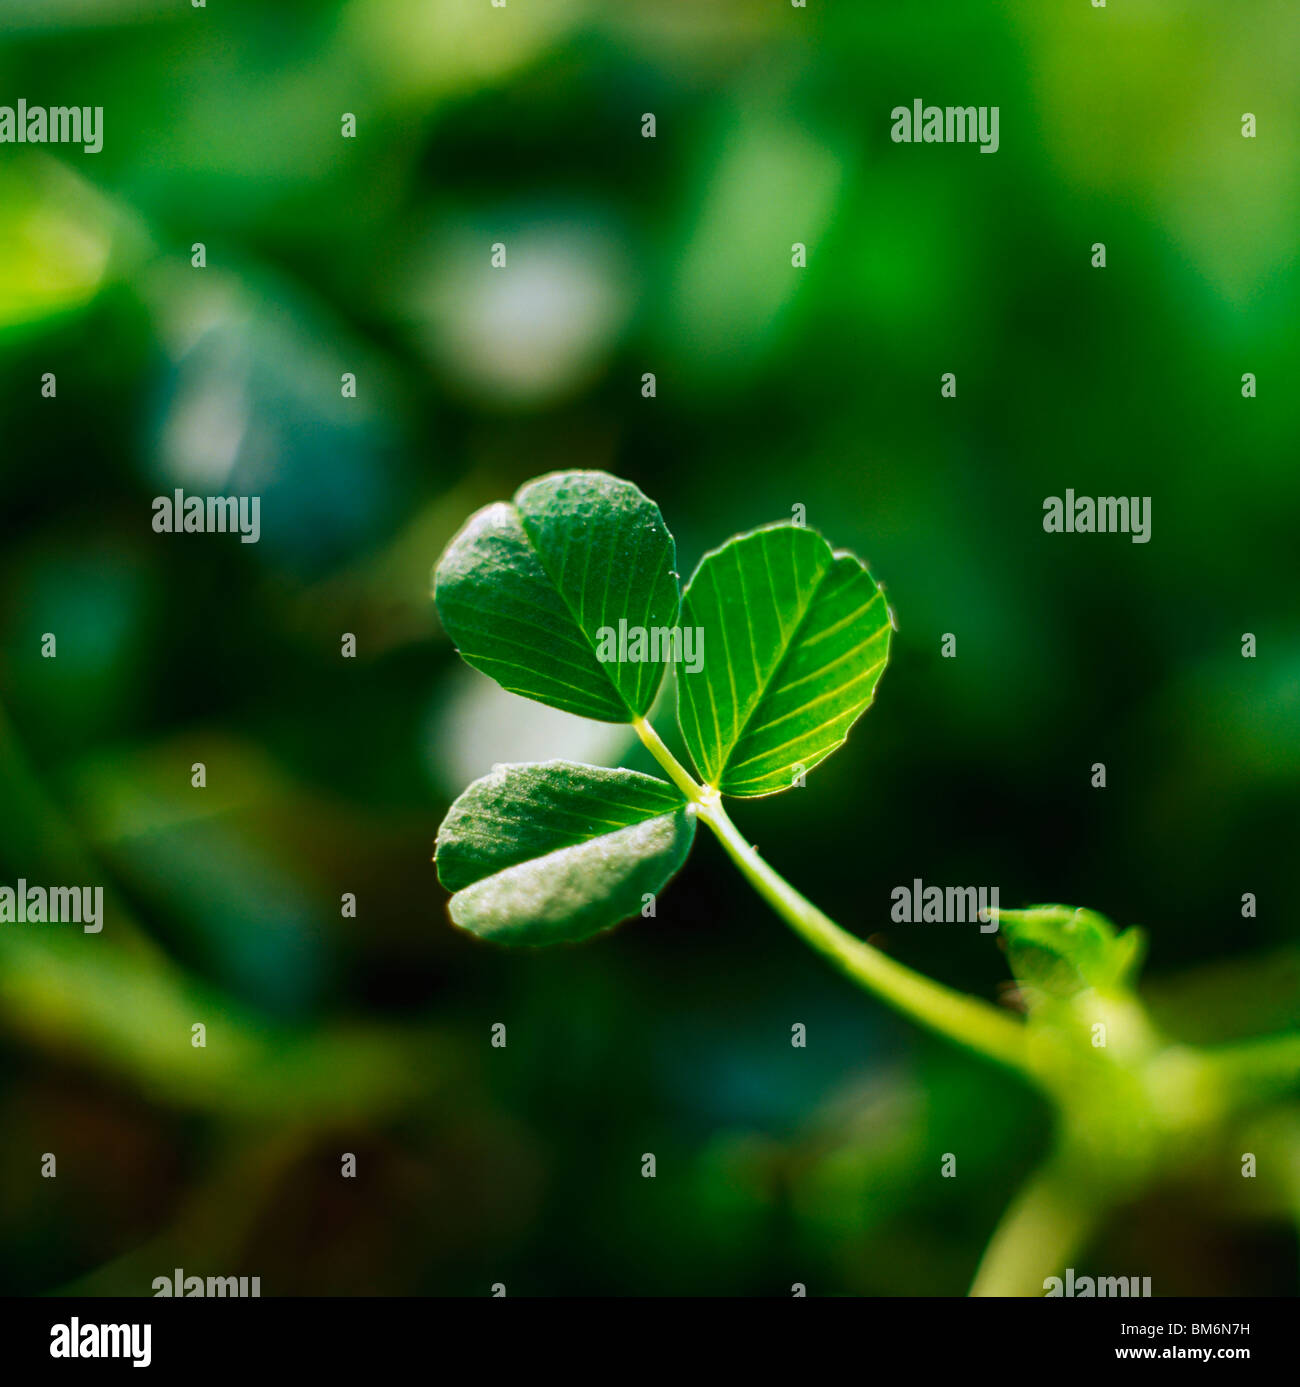 Single Leaf Of Shamrock - Stock Image